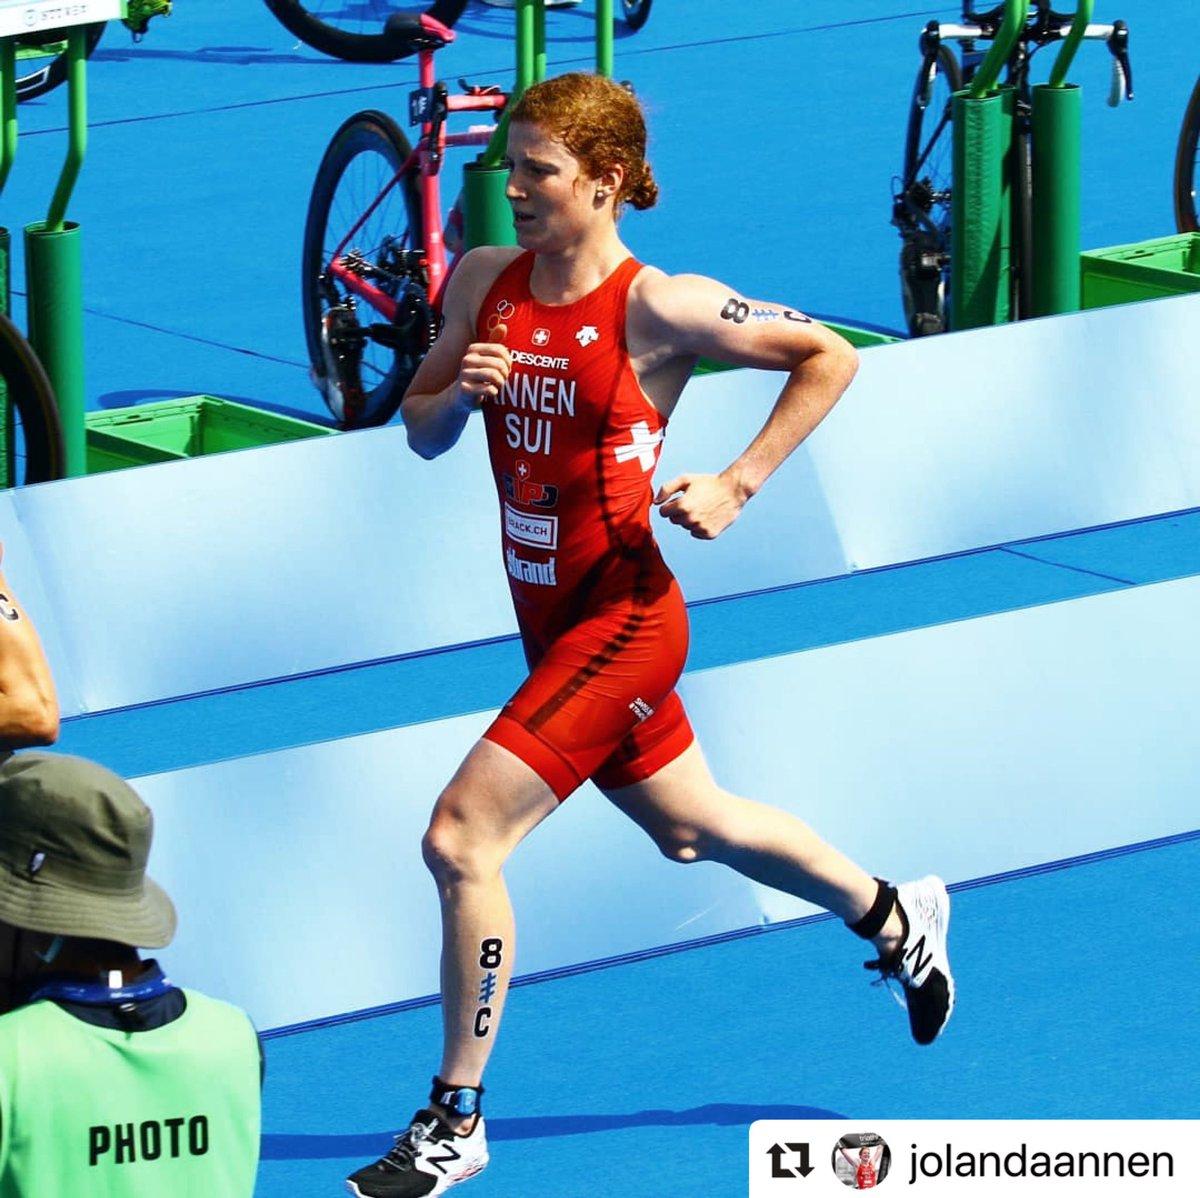 Die Triathletin #JolandaAnnen wird morgen am Start sein! Du kannst Jolanda in der Virace-App als Favoritin markieren, um während dem Rennen regelmässige Updates über ihren und deinen Zwischenstand zu erhalten 👟💯😎 #derlaufderverbindet #virace #teamnewbalance https://t.co/fGvs1rQPR4